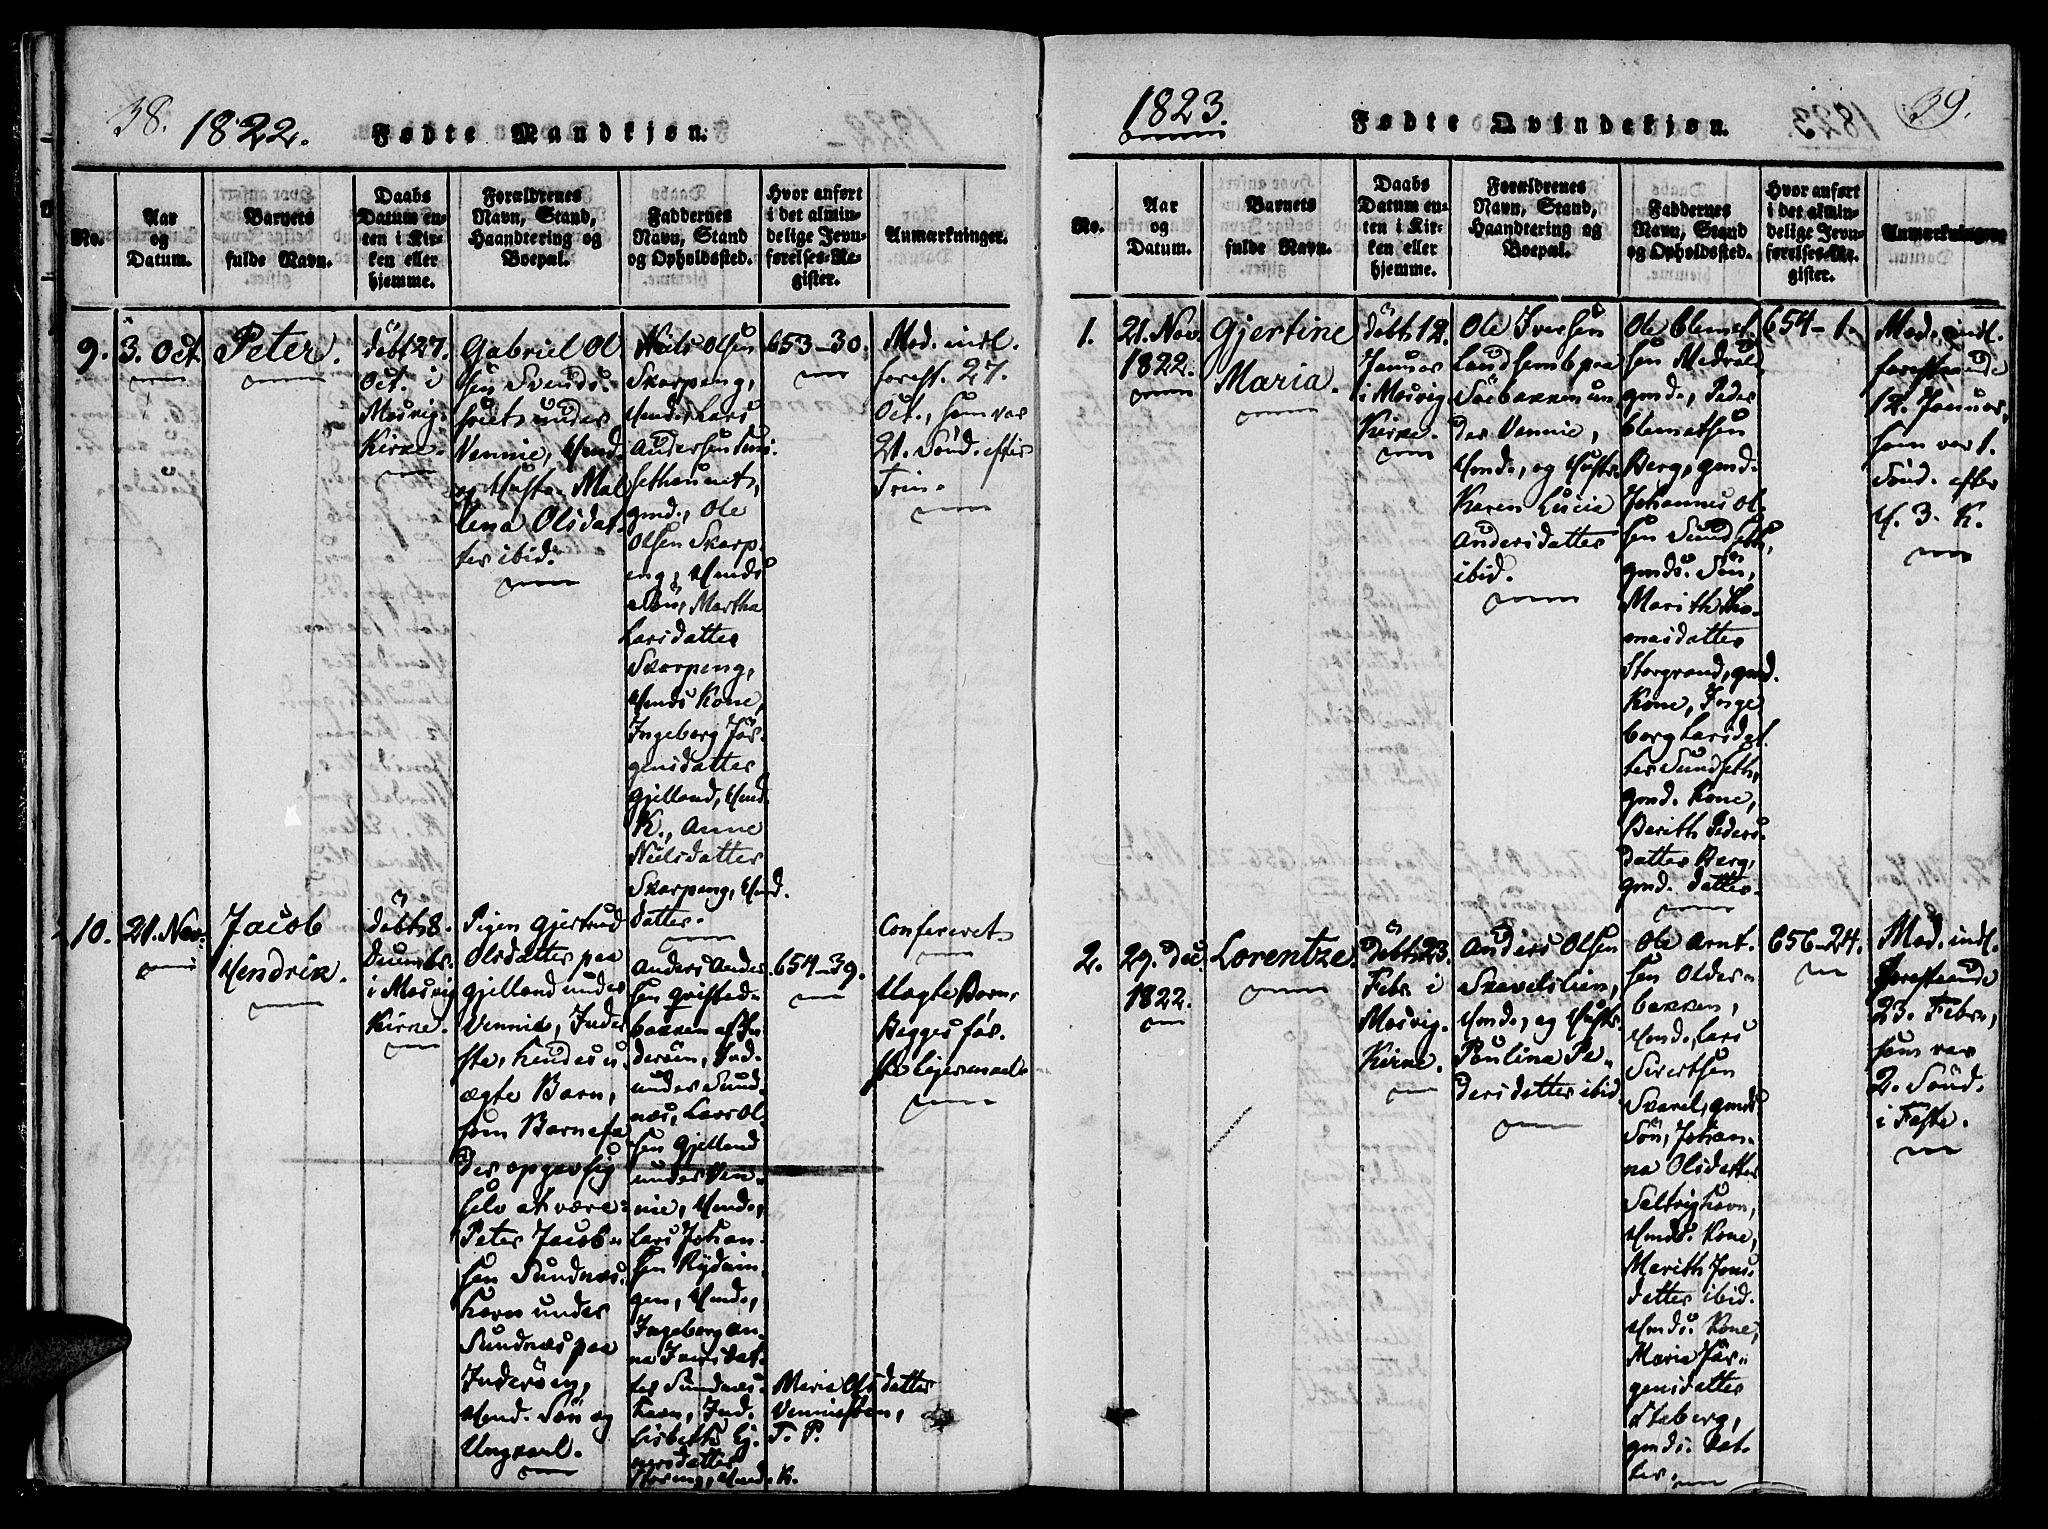 SAT, Ministerialprotokoller, klokkerbøker og fødselsregistre - Nord-Trøndelag, 733/L0322: Ministerialbok nr. 733A01, 1817-1842, s. 38-39